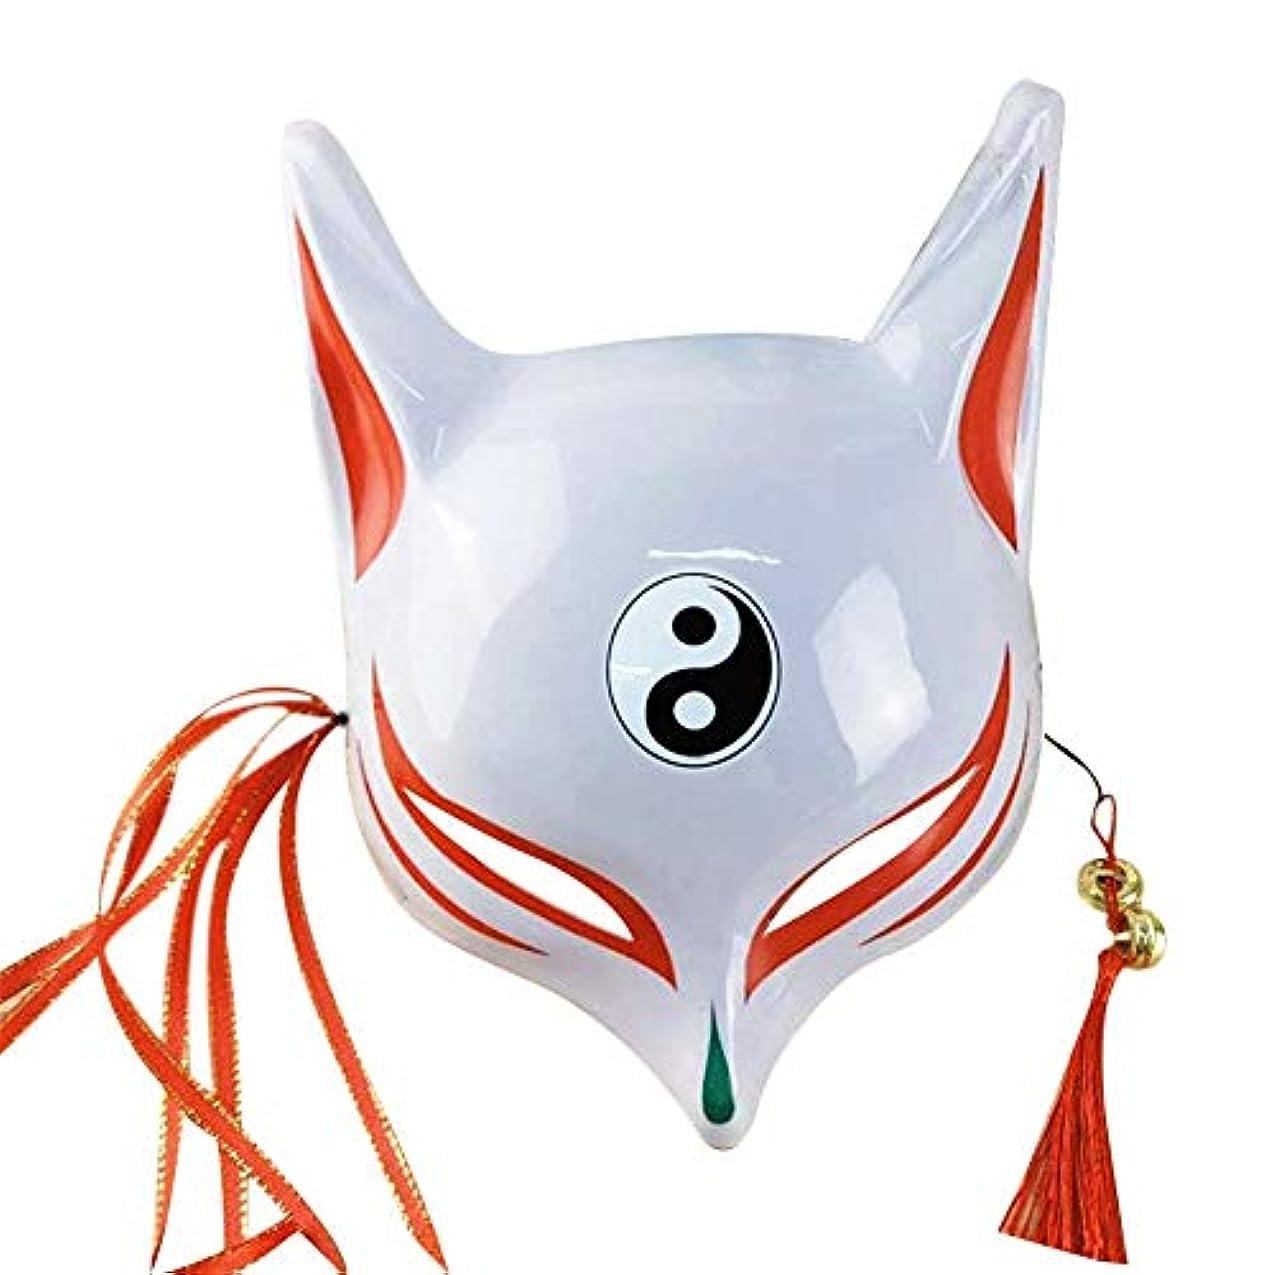 コンパス弓会計士Esolomフォックスハーフフェイスマスク手描きのマスク ロールプレイ仮装ドレスアップ マスクバーパーティー キツネの妖精の半分の顔 和風の手描き